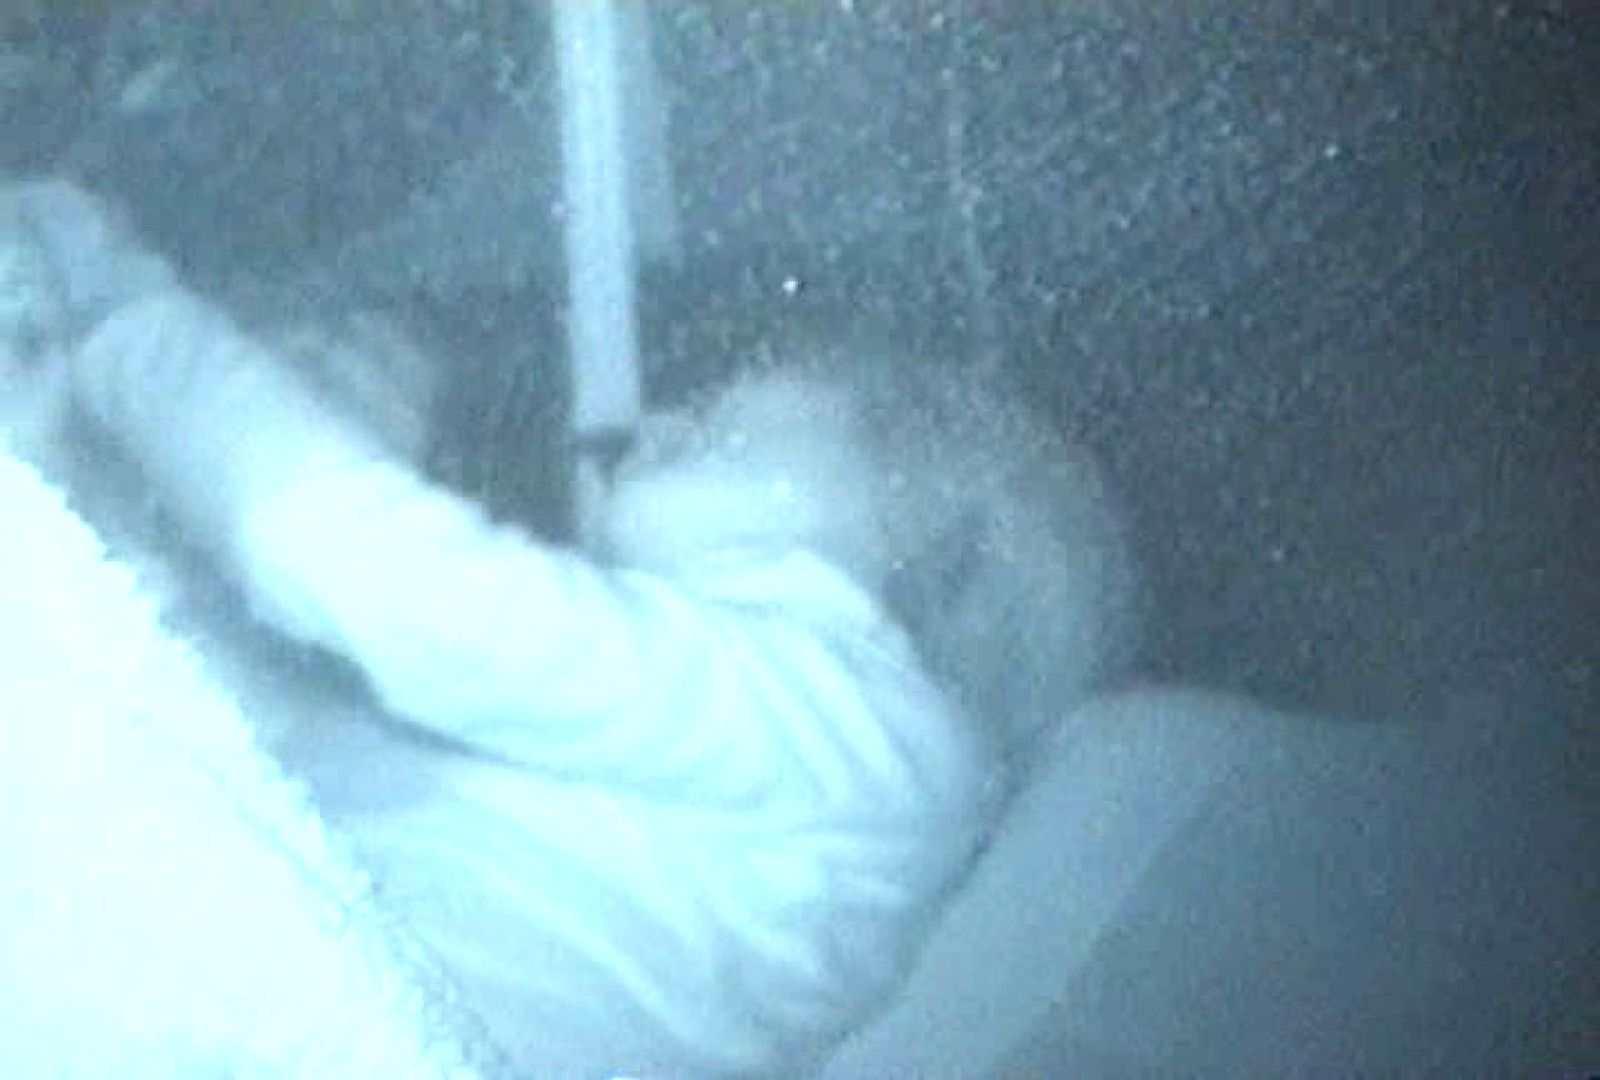 充血監督の深夜の運動会Vol.77 OLセックス   全裸版  75画像 13